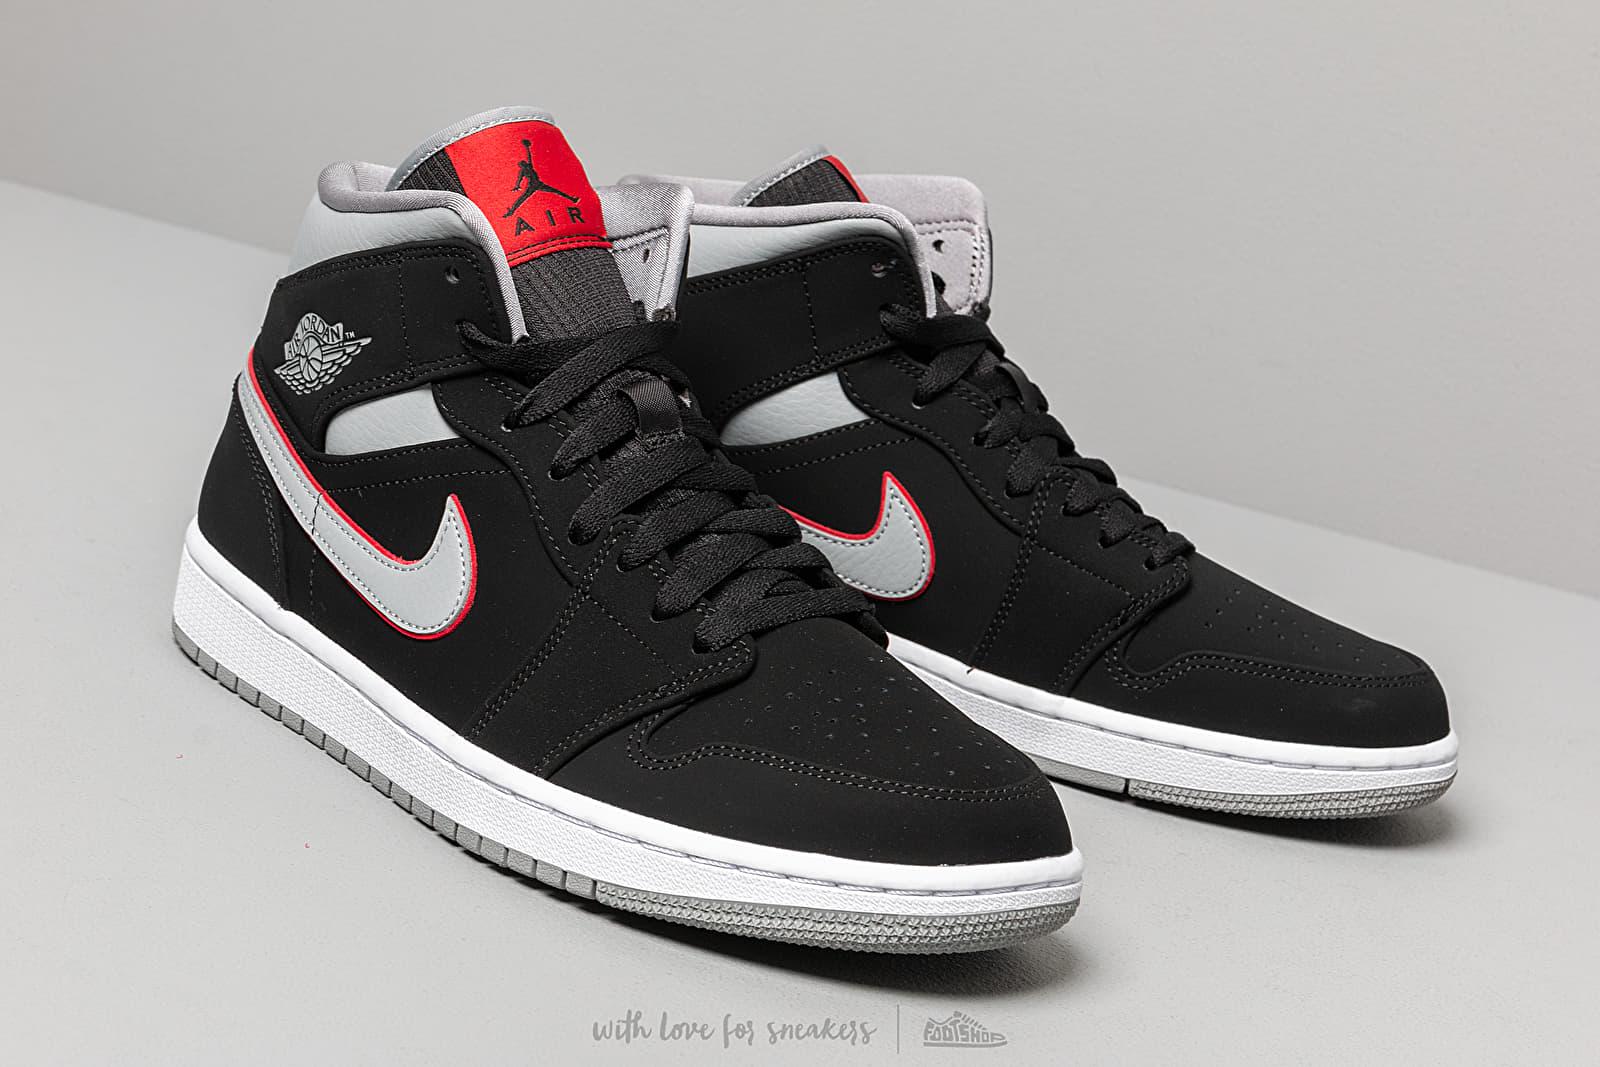 Air Jordan 1 Mid Black Particle Grey White Gym Red | Footshop